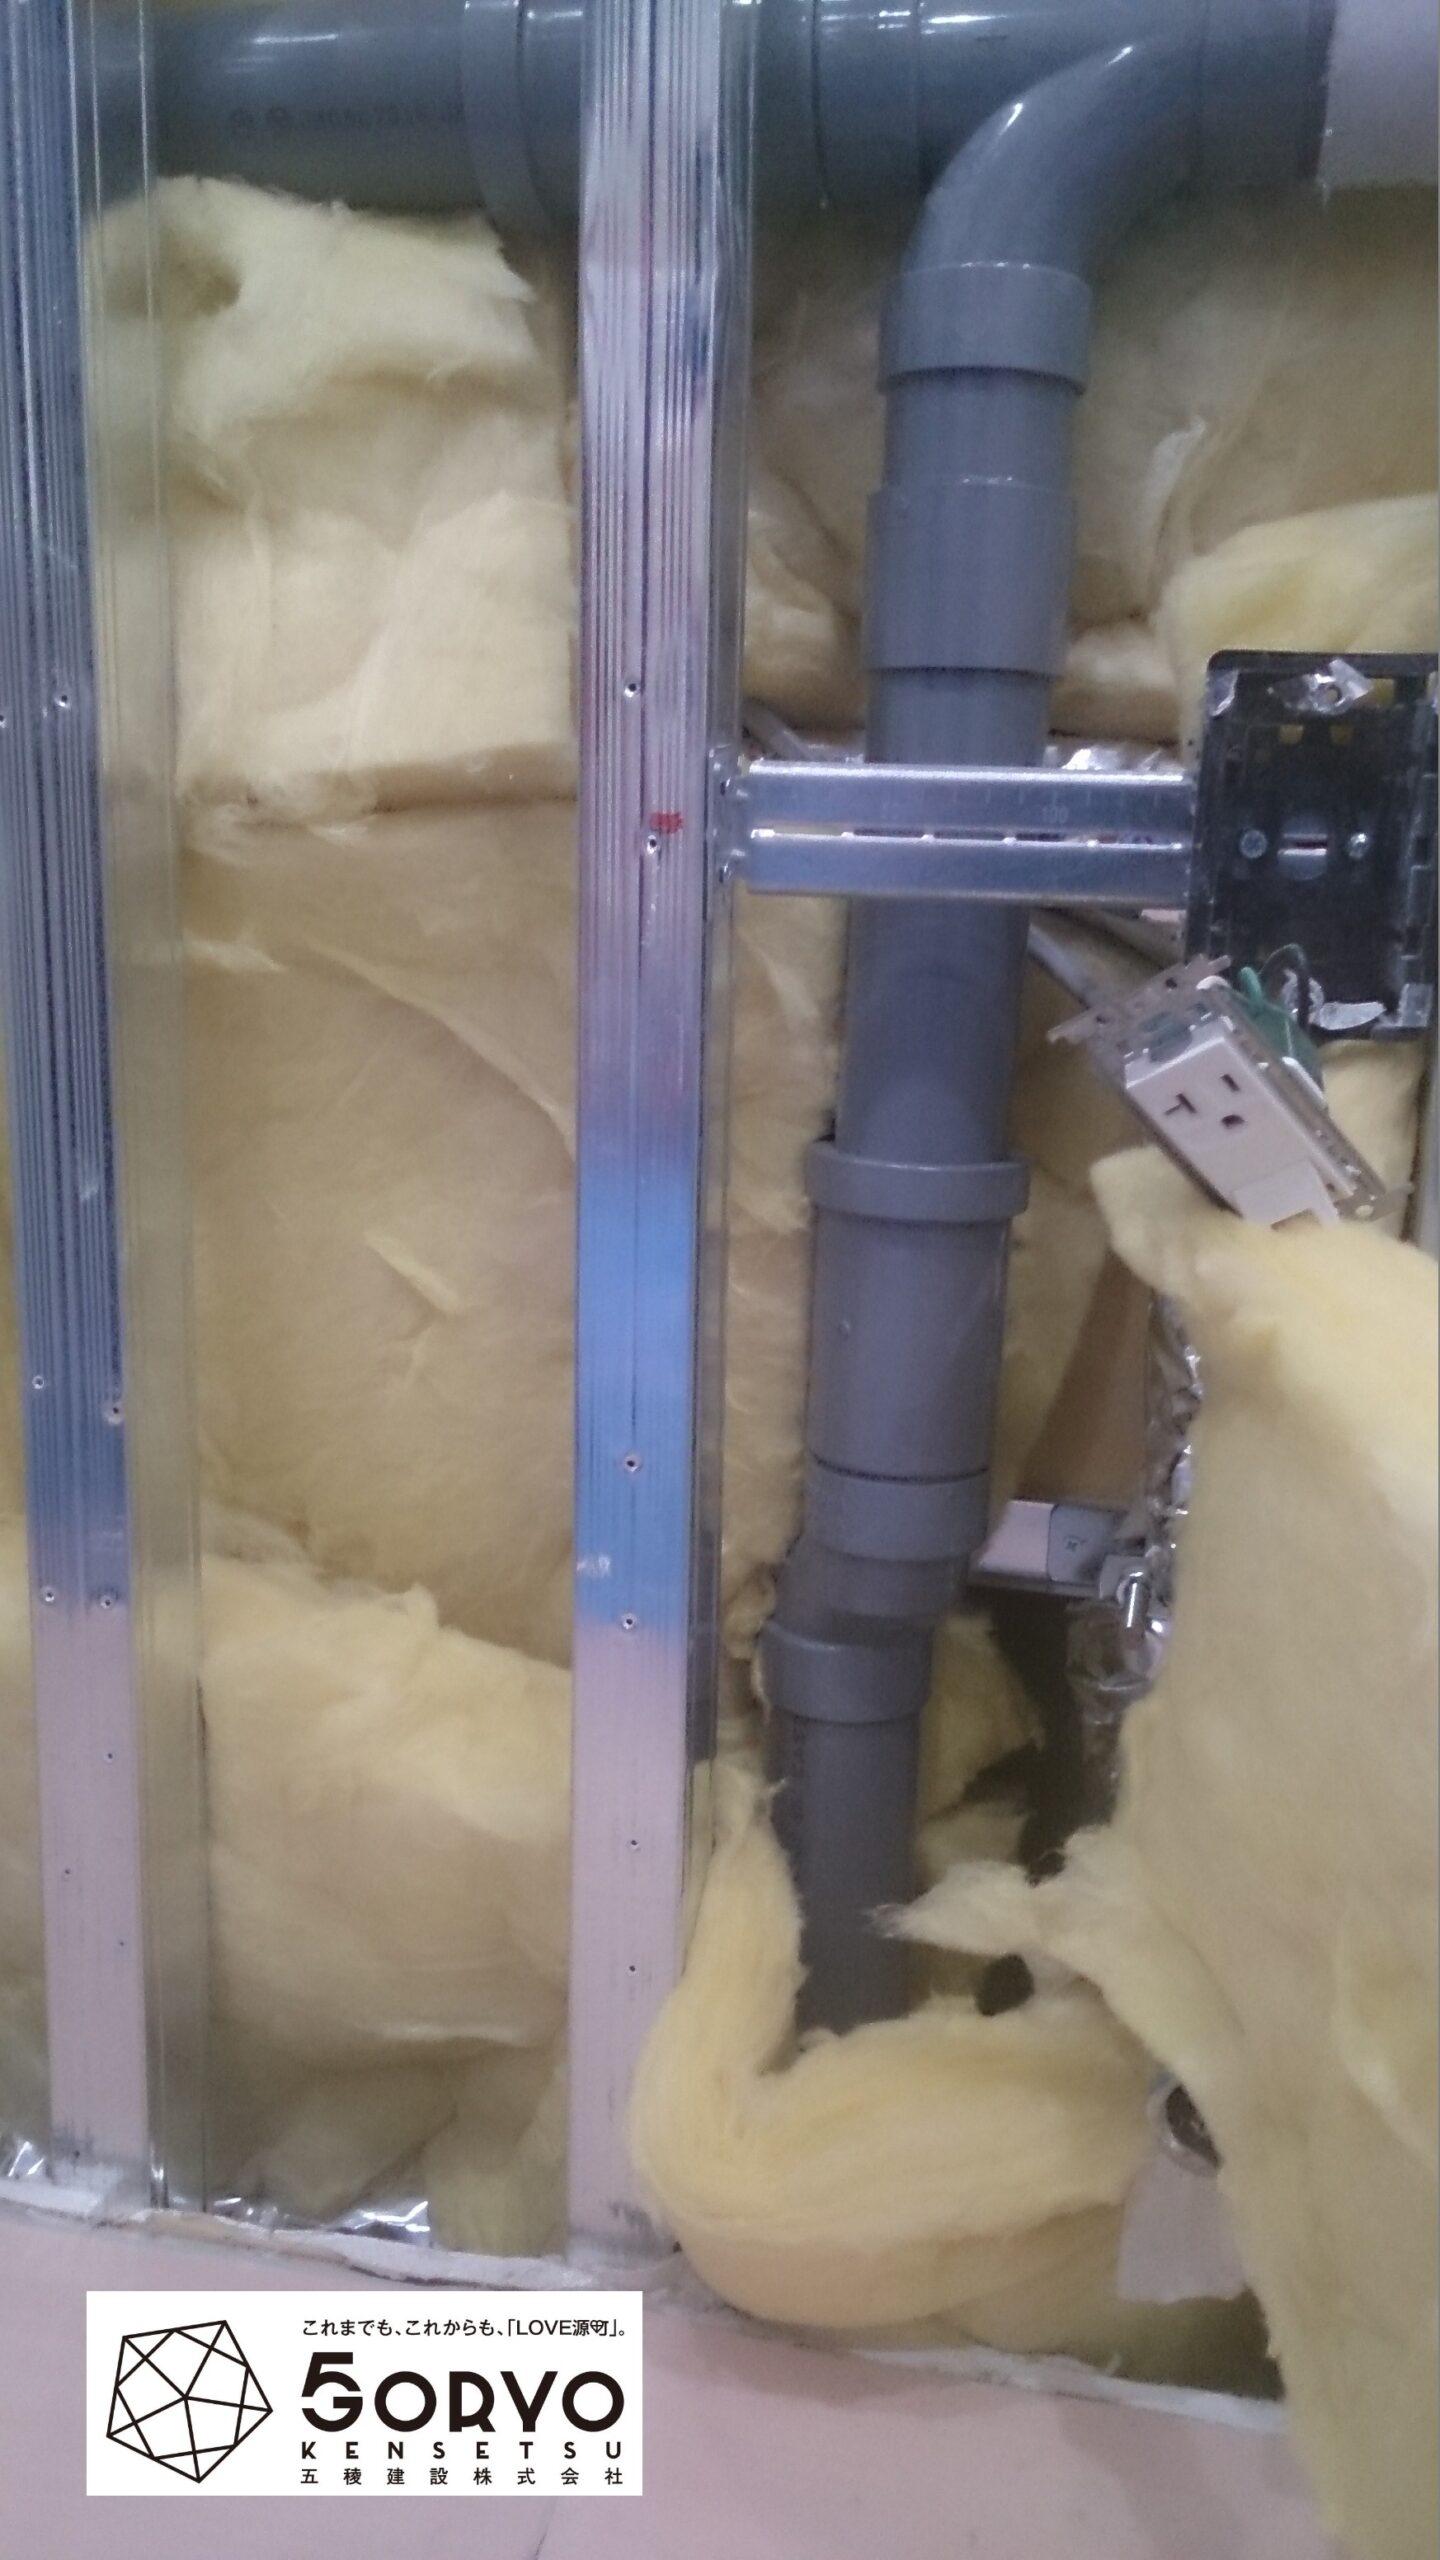 千葉県習志野市I社様女子トイレ排水不良による配管手直し工事:施工後